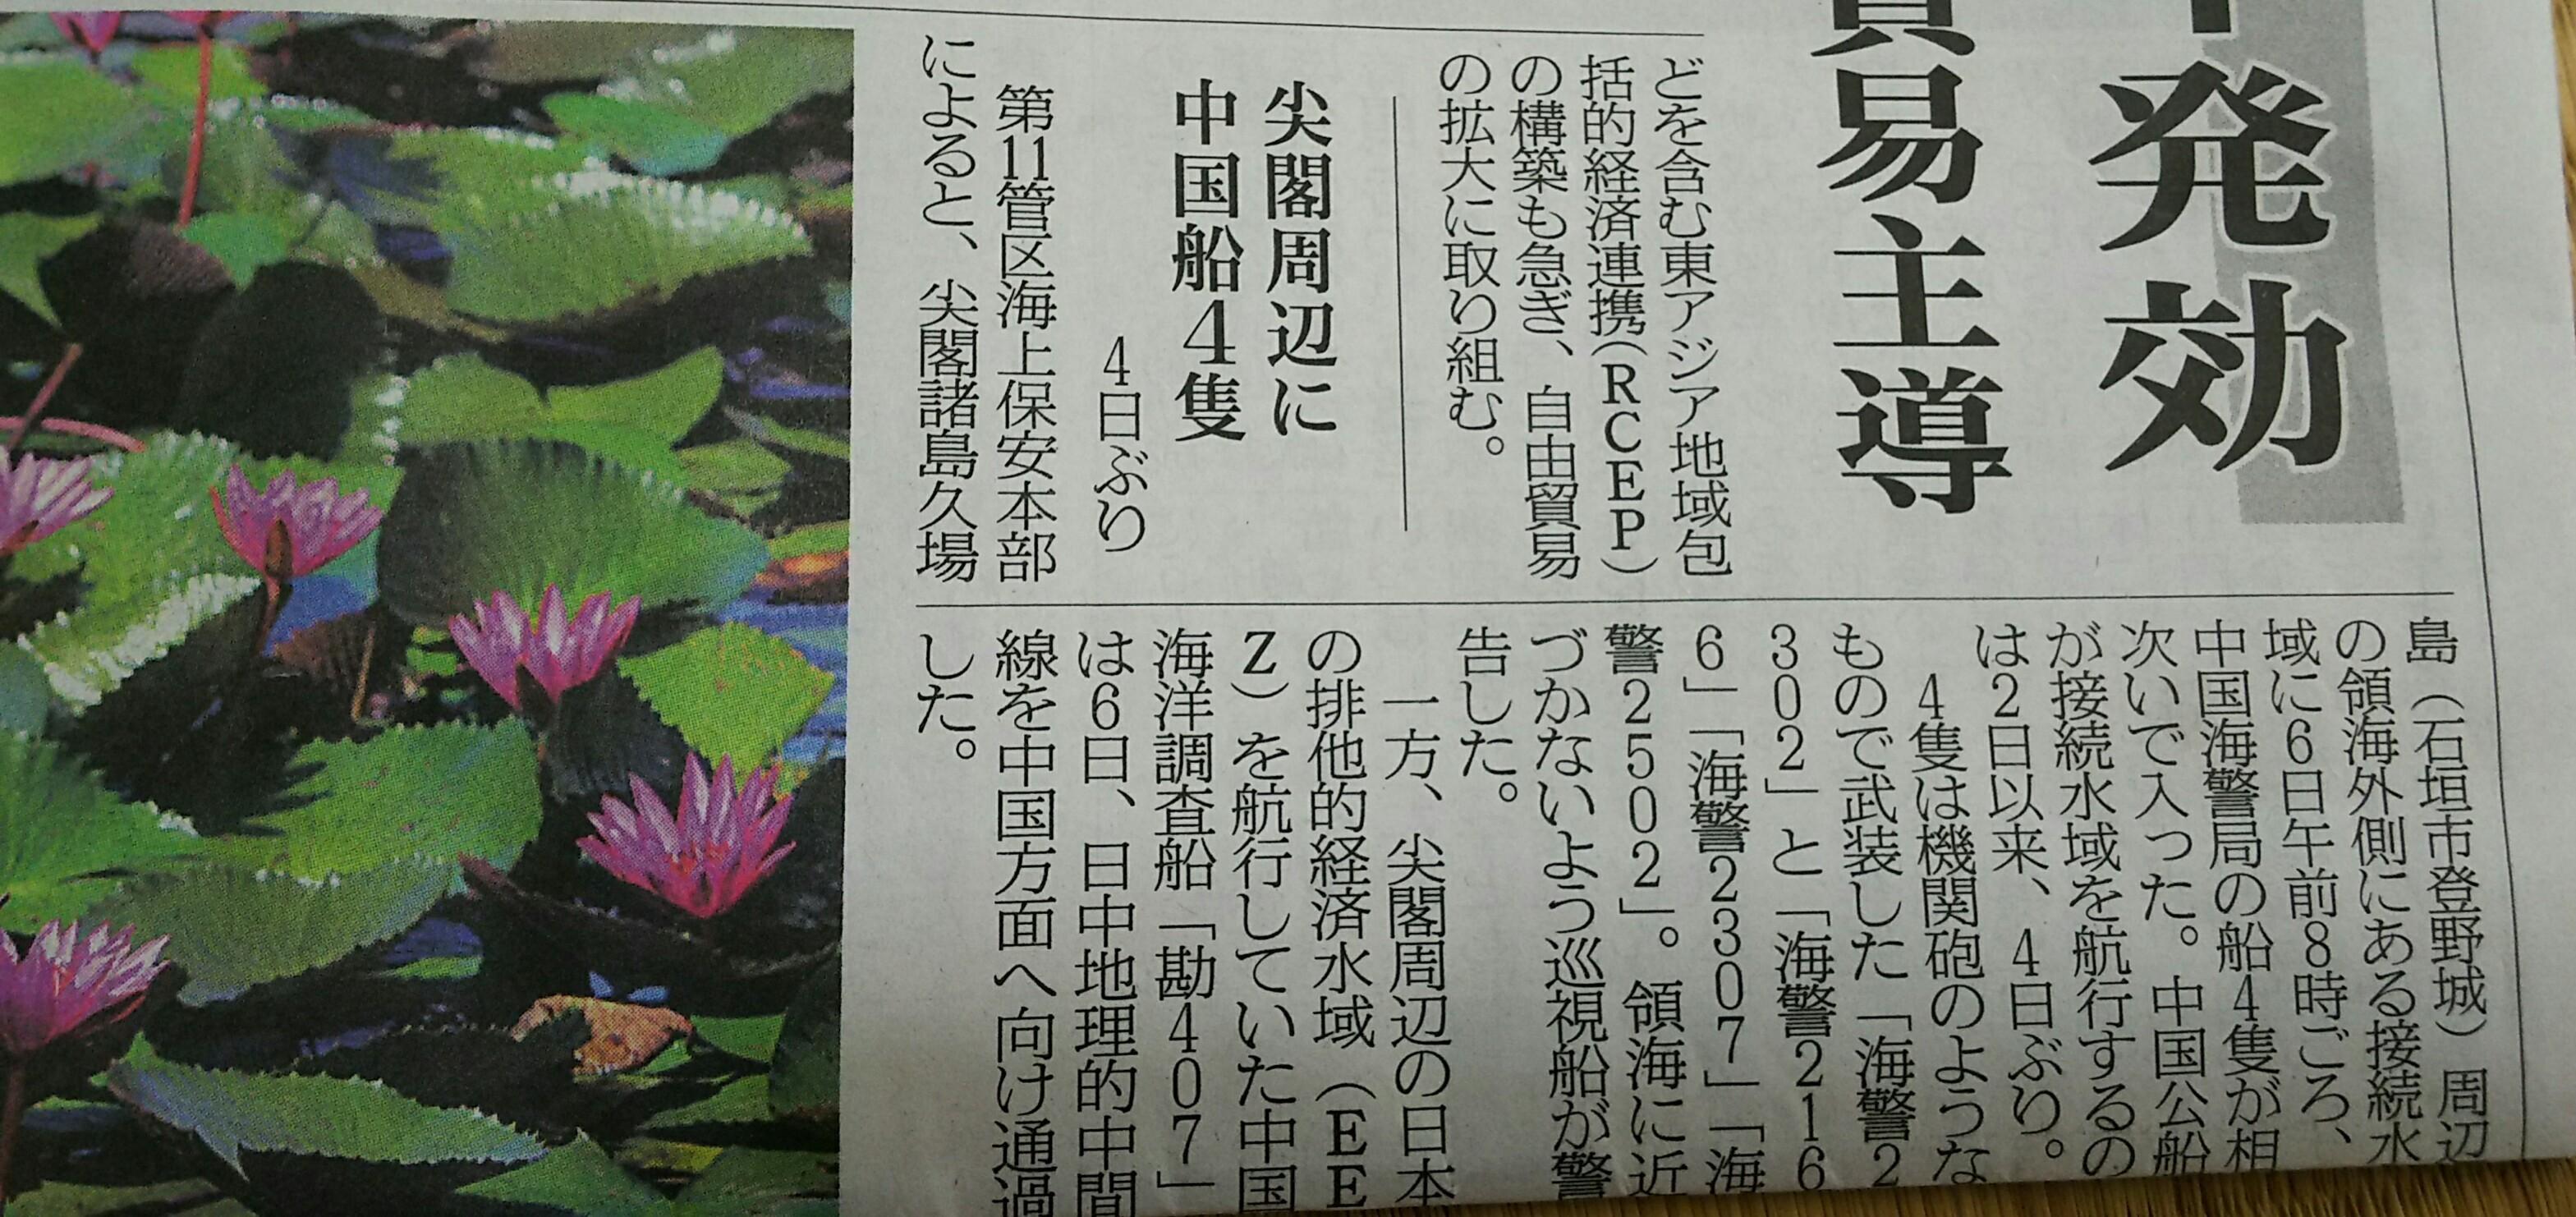 2020年ごろ 沖縄は中国領に・・・・・・?